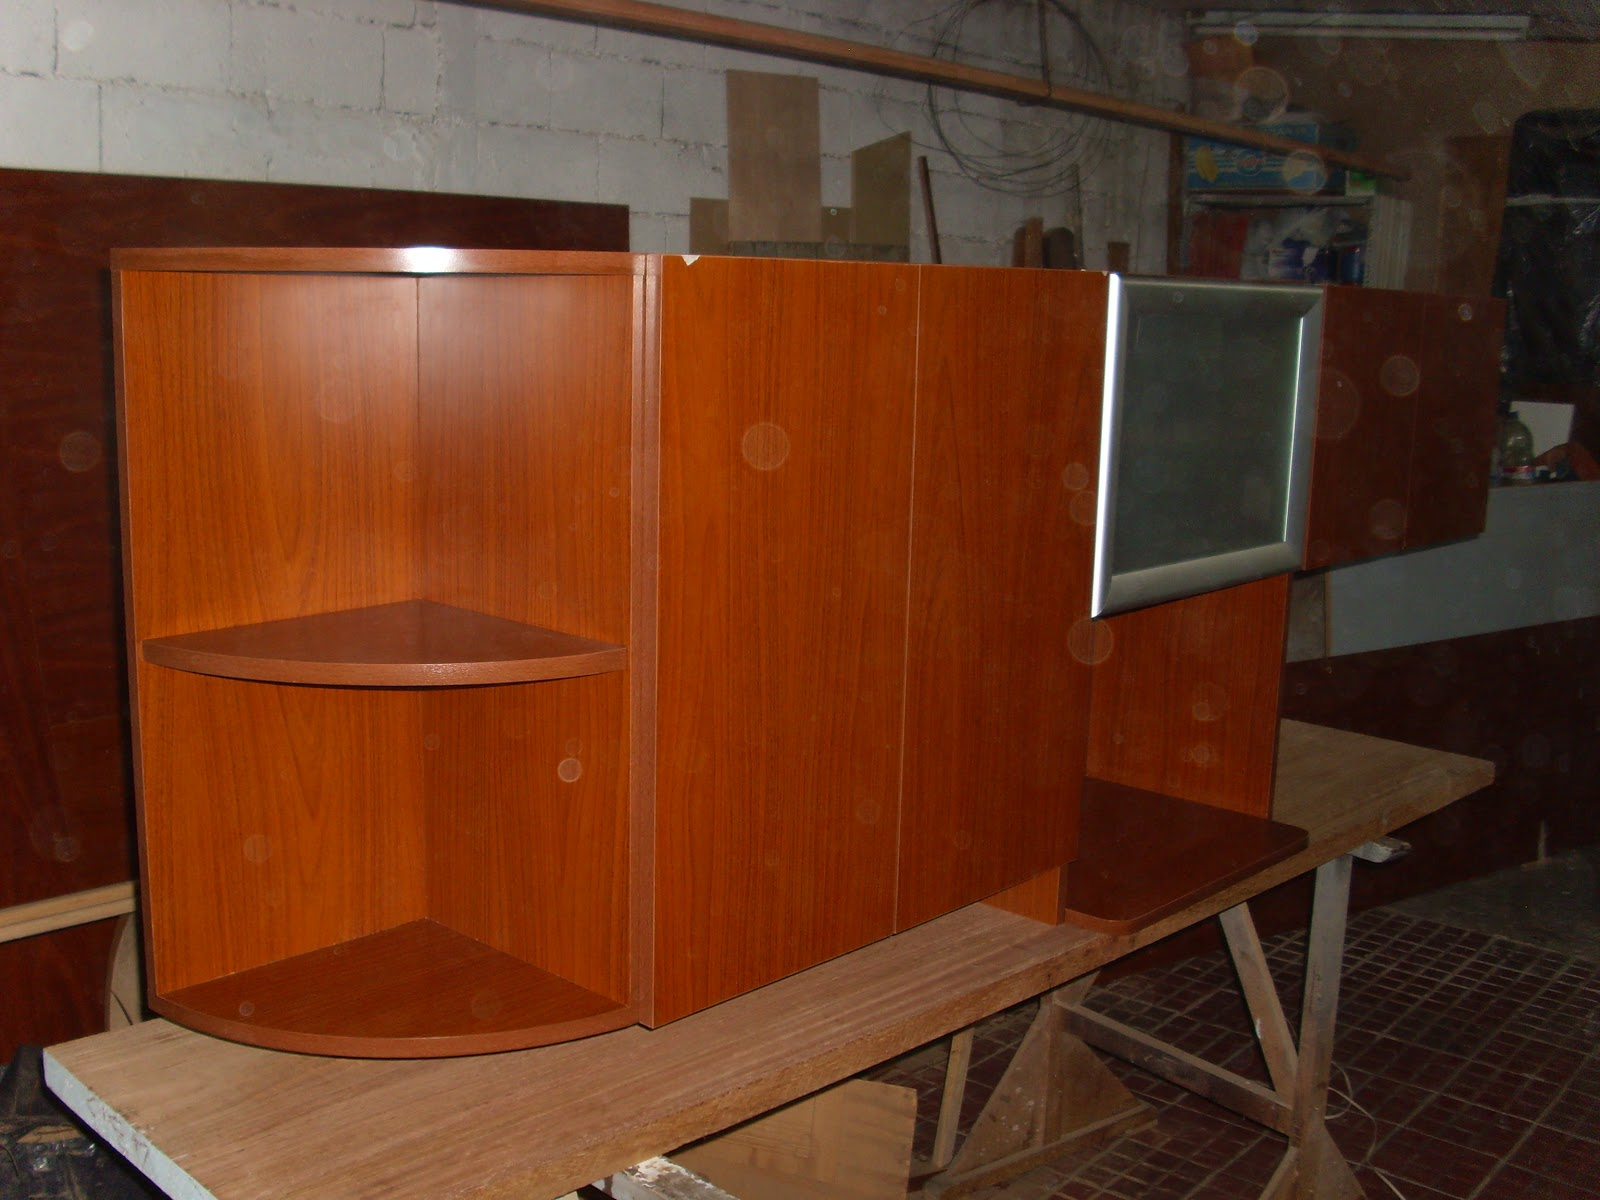 Maderas en la red Juego completo de muebles de cocina